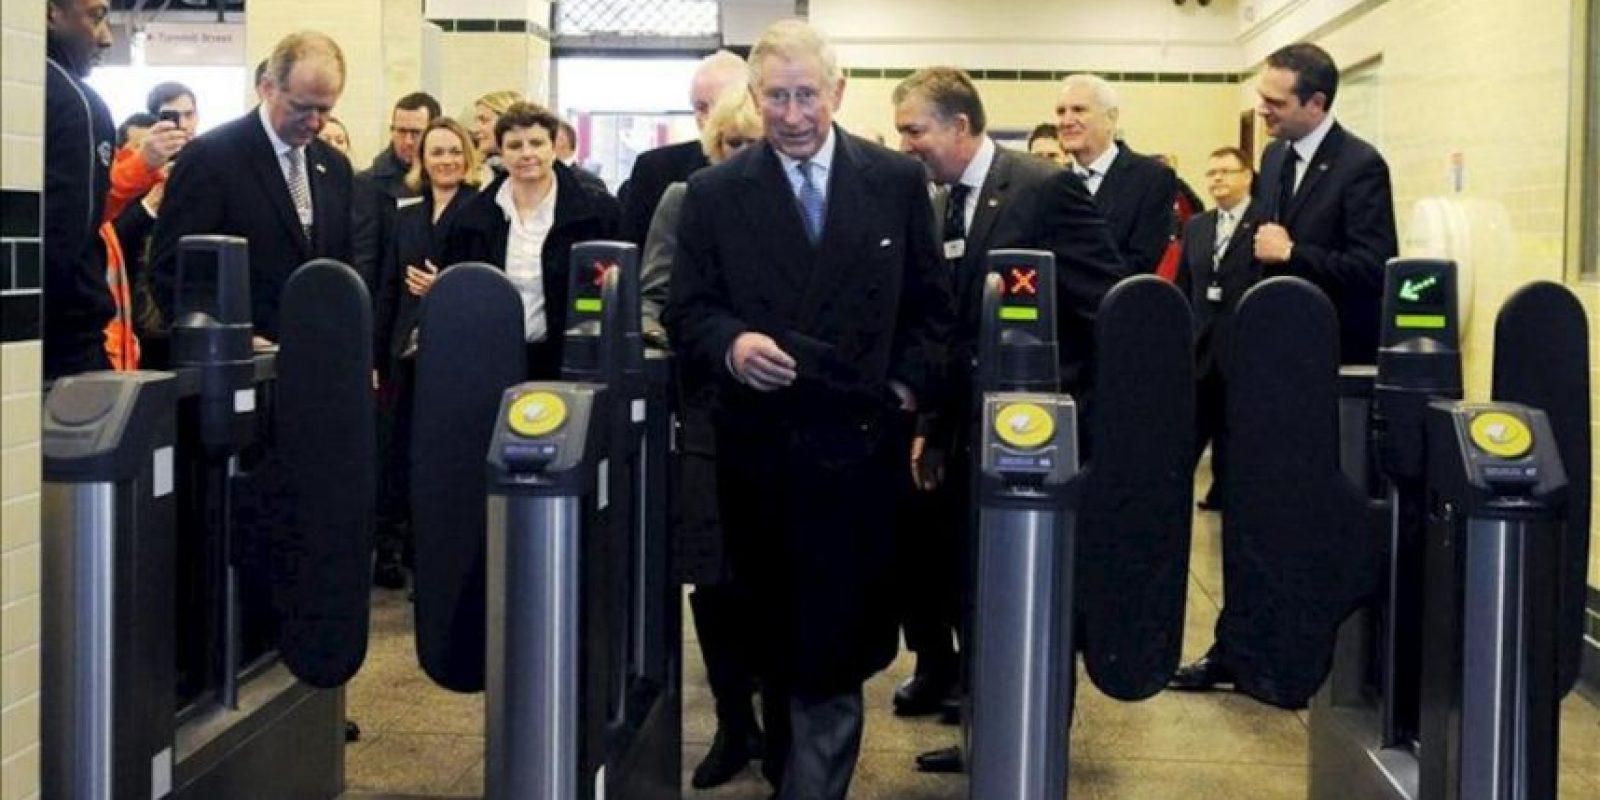 El príncipe de Gales, Carlos de Inglaterra (c), y su esposa Camila (detrás), duquesa de Cornualles, visitan la estación de Farringdon de Londres (Reino Unido) para celebrar el 150º aniversario del Metro de Londres, hoy, miércoles 30 de enero de 2013. Esta red del transporte público londinense celebra este año sus 150 años de existencia. EFE